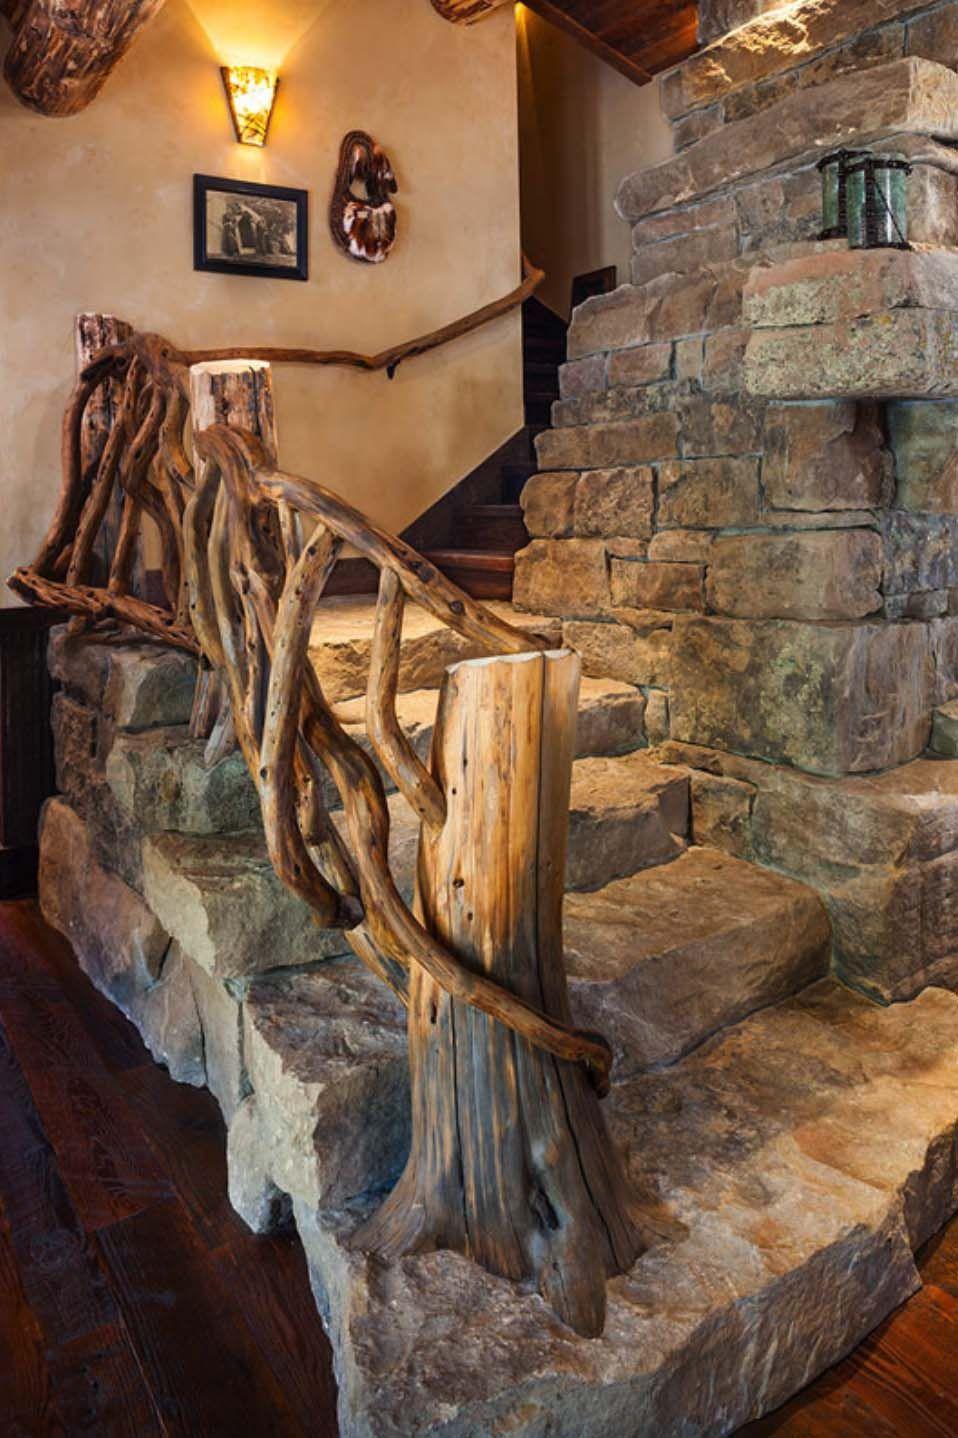 Rustic Log Cabin Luxury Defined In This Rocky Mountain Getaway - Escaleras-rusticas-de-interior